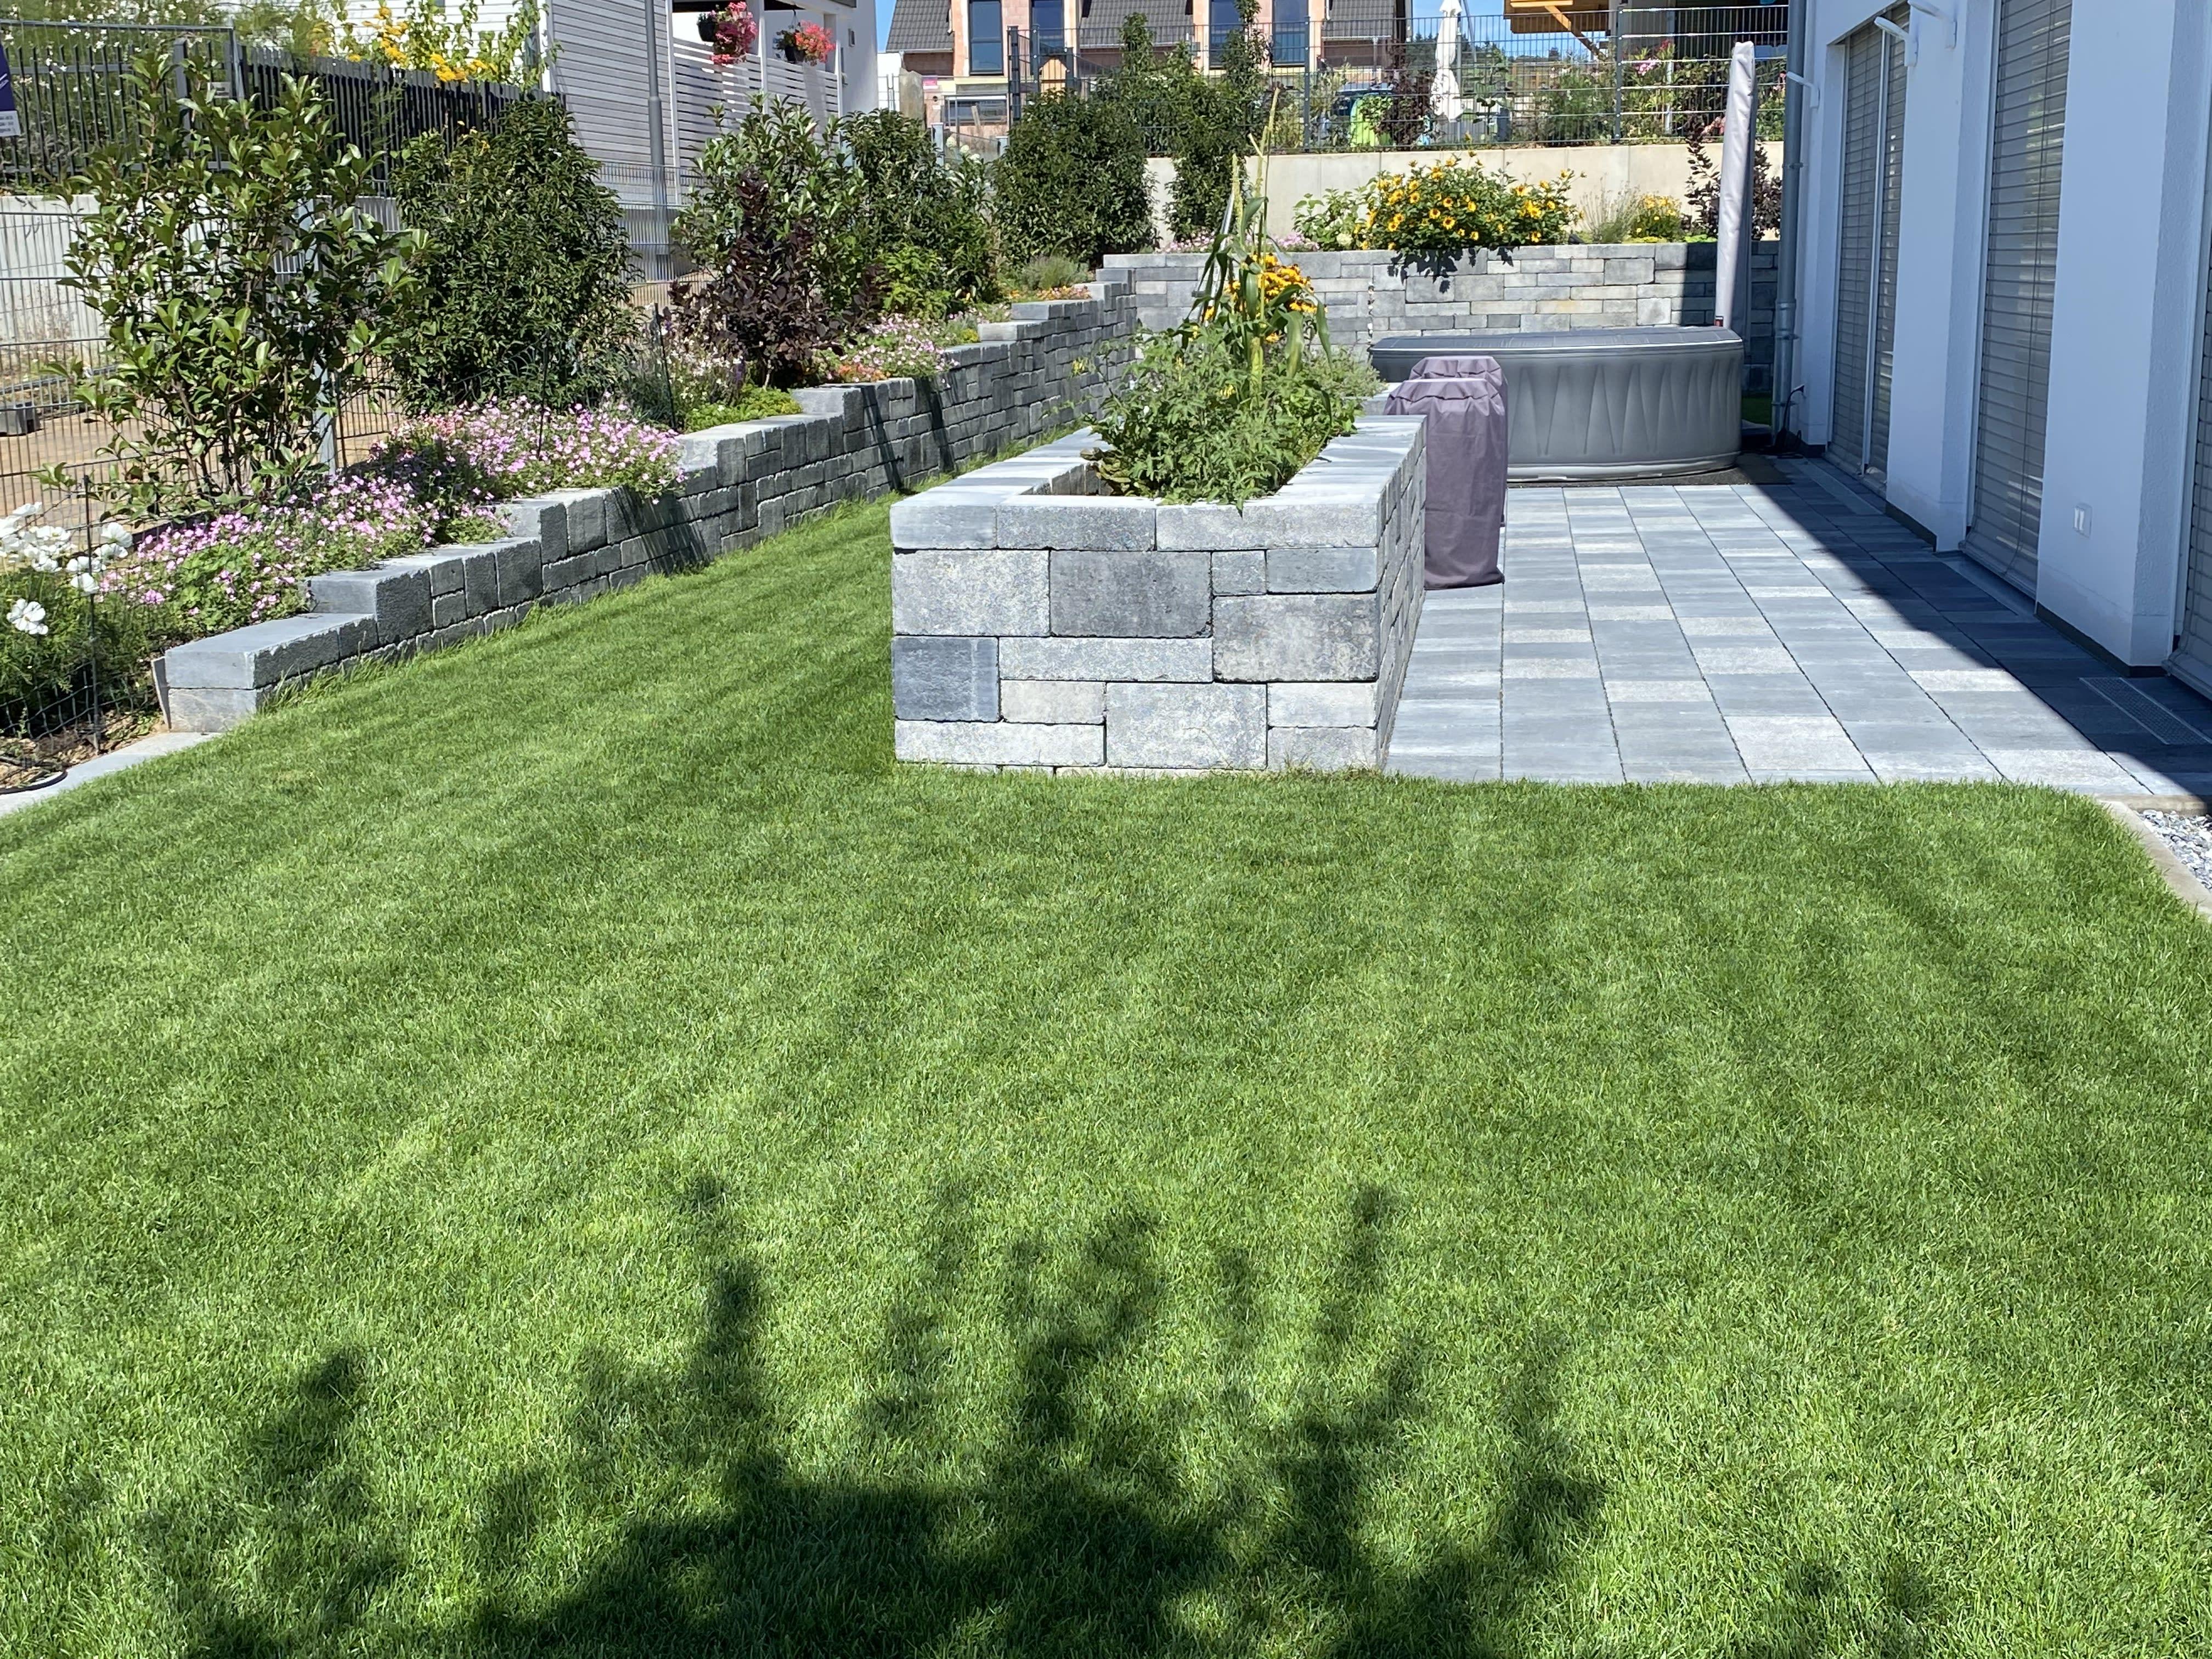 Garten mit grauer Steinmauer und Rasen